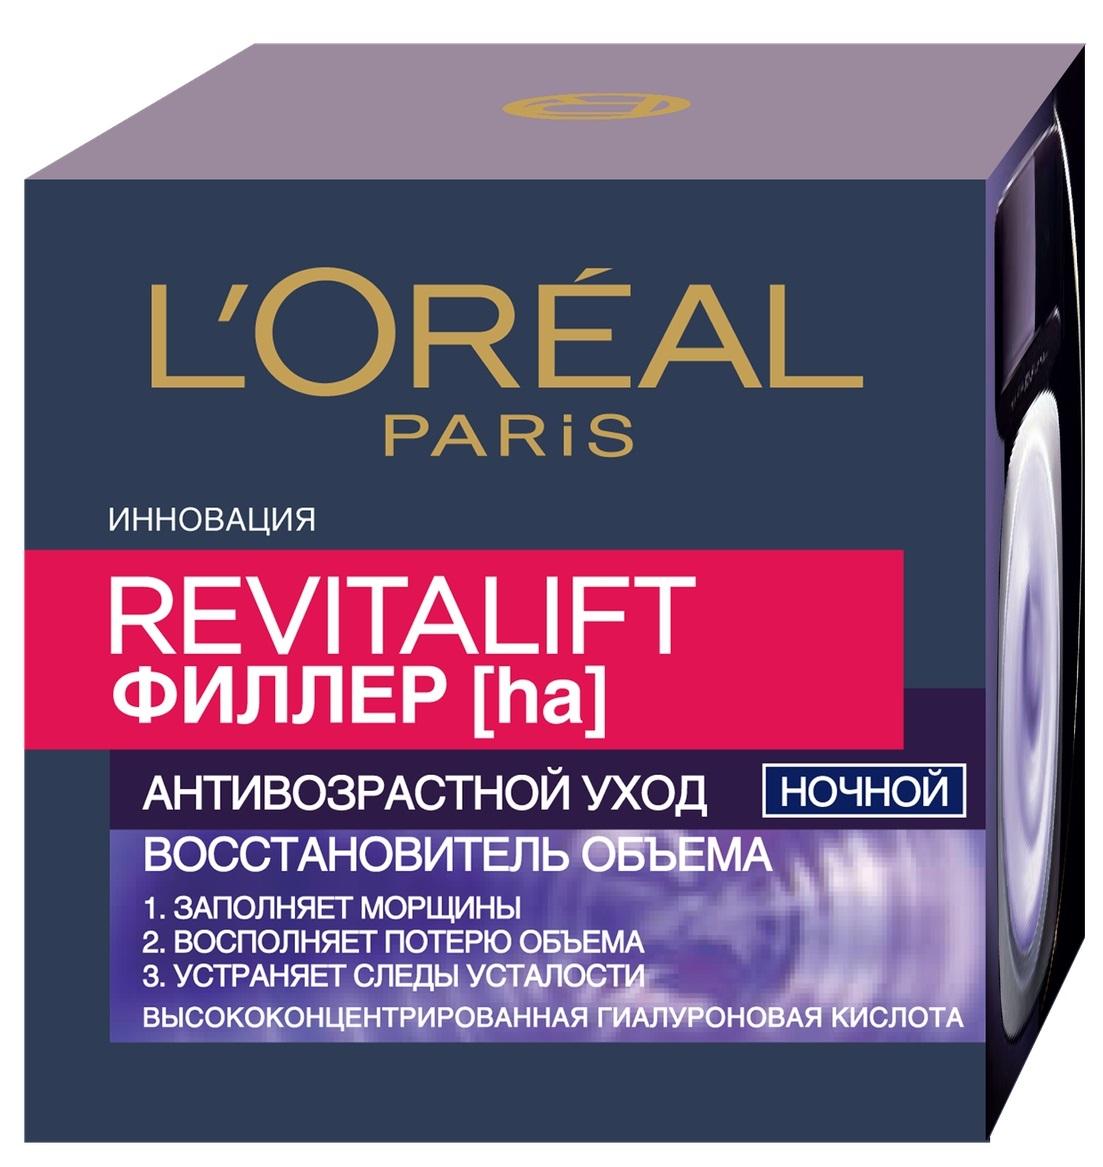 LOreal Paris Revitalift Филлер [ha] Ночной антивозрастной крем против морщин для лица, 50мл1*10207Ночной антивозрастной крем «Revitalift Филлер»стимулирует процессы регенерации на клеточном уровне, ускоряет выработку коллагена иповышает эластичность и упругость кожи. Растительный экстракт галанги активно восстанавливает кожу во время ночного сна, сокращая следы усталости. Его уникальная формула обогащена высококонцентрированной гиалуроновой кислотой, способствующей увлажнению и удержанию влаги в глубоких слоях кожи.Ночной уход для лица улучшает клеточное обновление, сокращает морщины и разглаживает кожу и восполняет потерю объема.